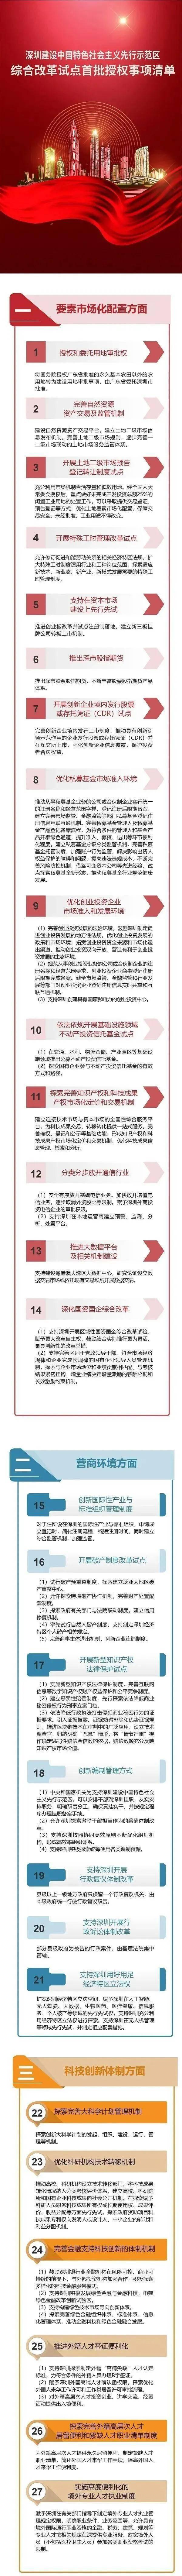 """重磅!国家发布深圳40条""""大礼包""""清单,除了推出深市股票股指期货,还有这些重大改革……"""